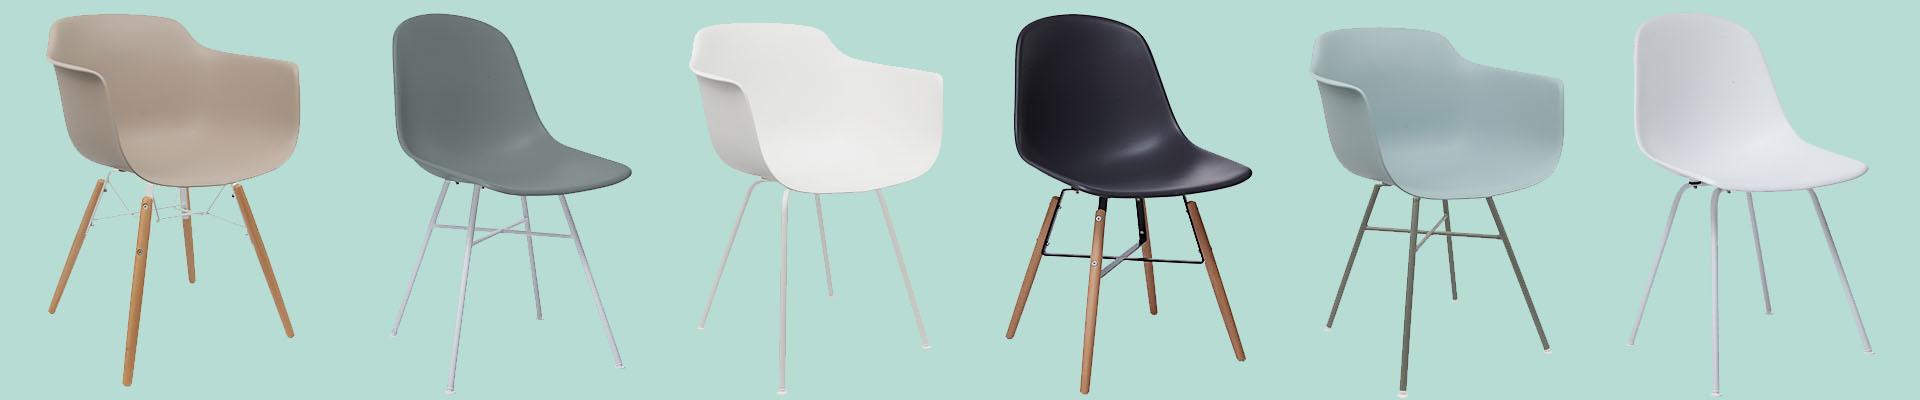 Esszimmerstühle Modern Design Stühle Esszimmer Moderne Stühle